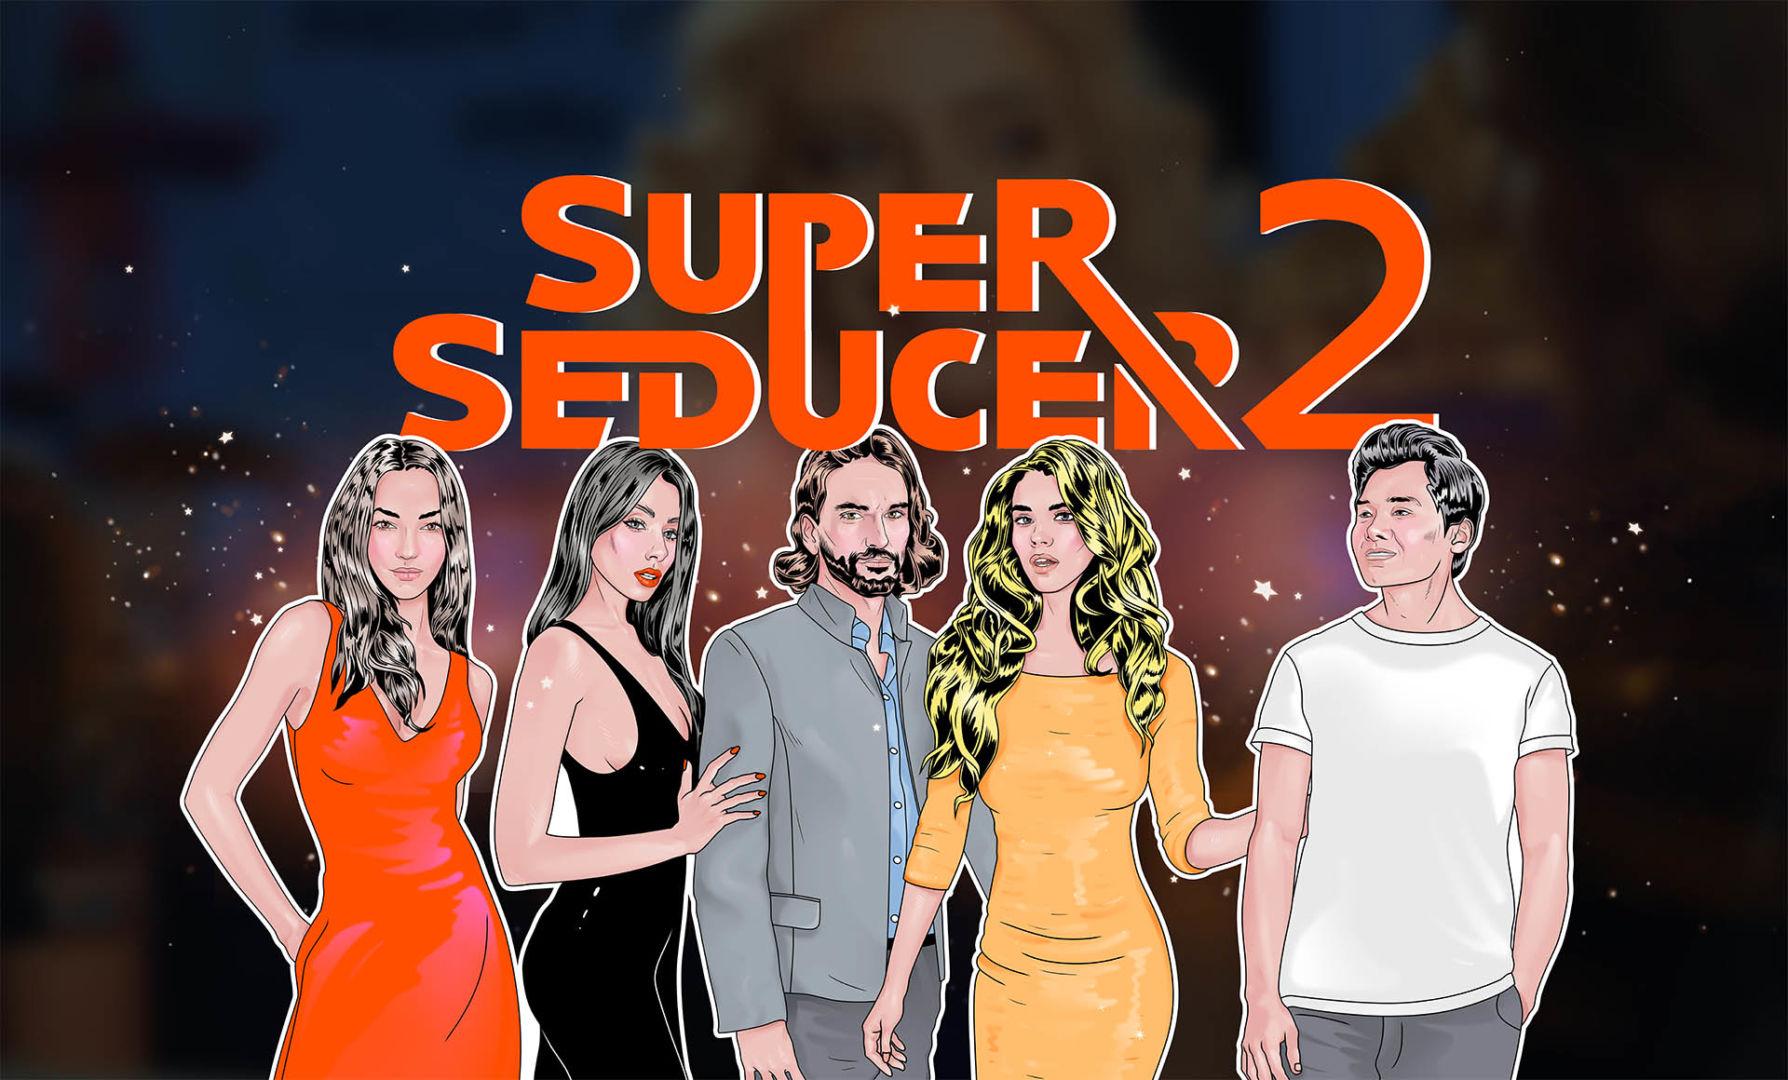 Super-Dating-Spiele